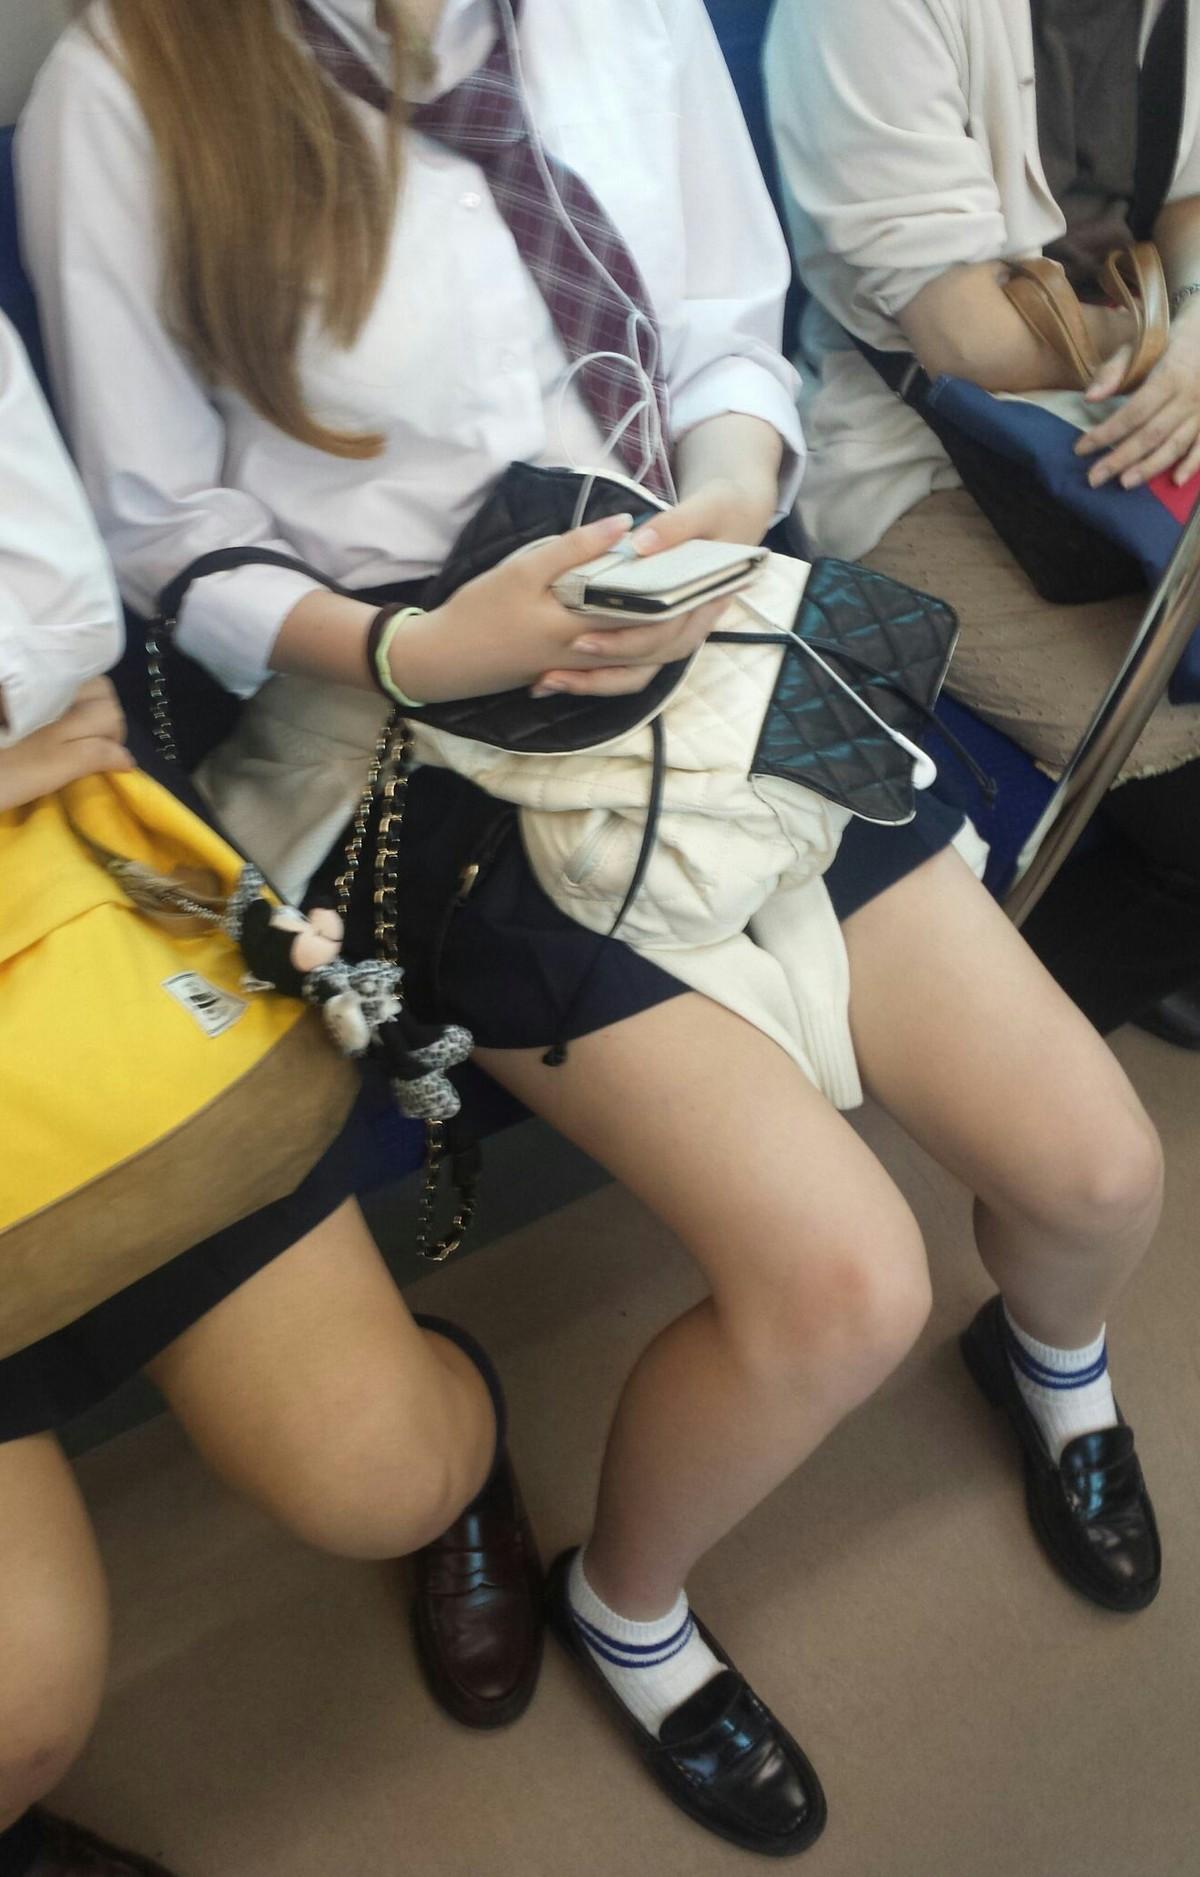 【画像】電車でJKが隣に座ってきた時のあの気持ちなんだろなww